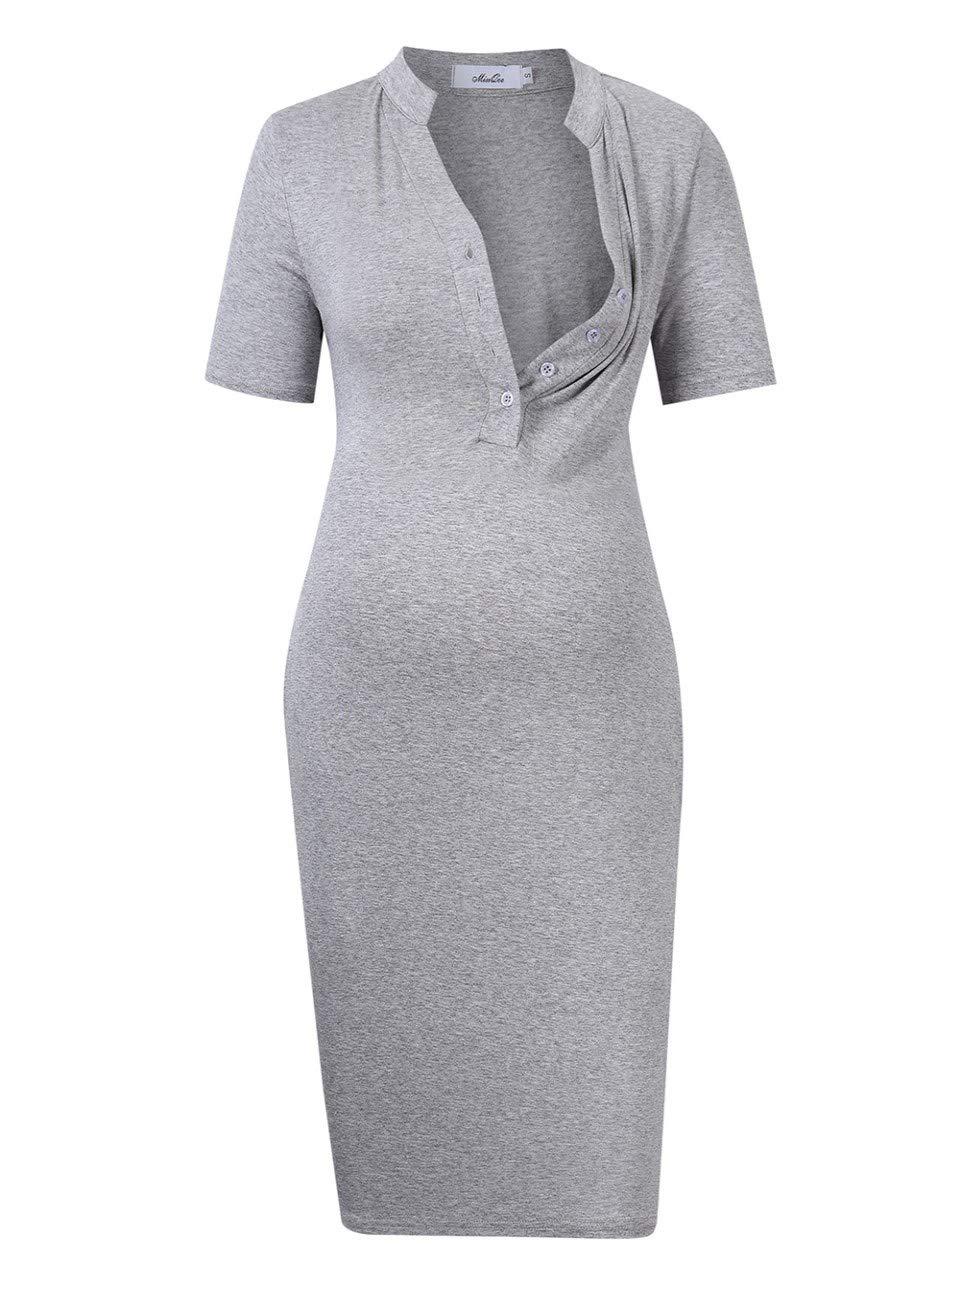 MissQee Maternity Dress Women's Nursing Nightgown for Breastfeeding Sleepwear Light grey L